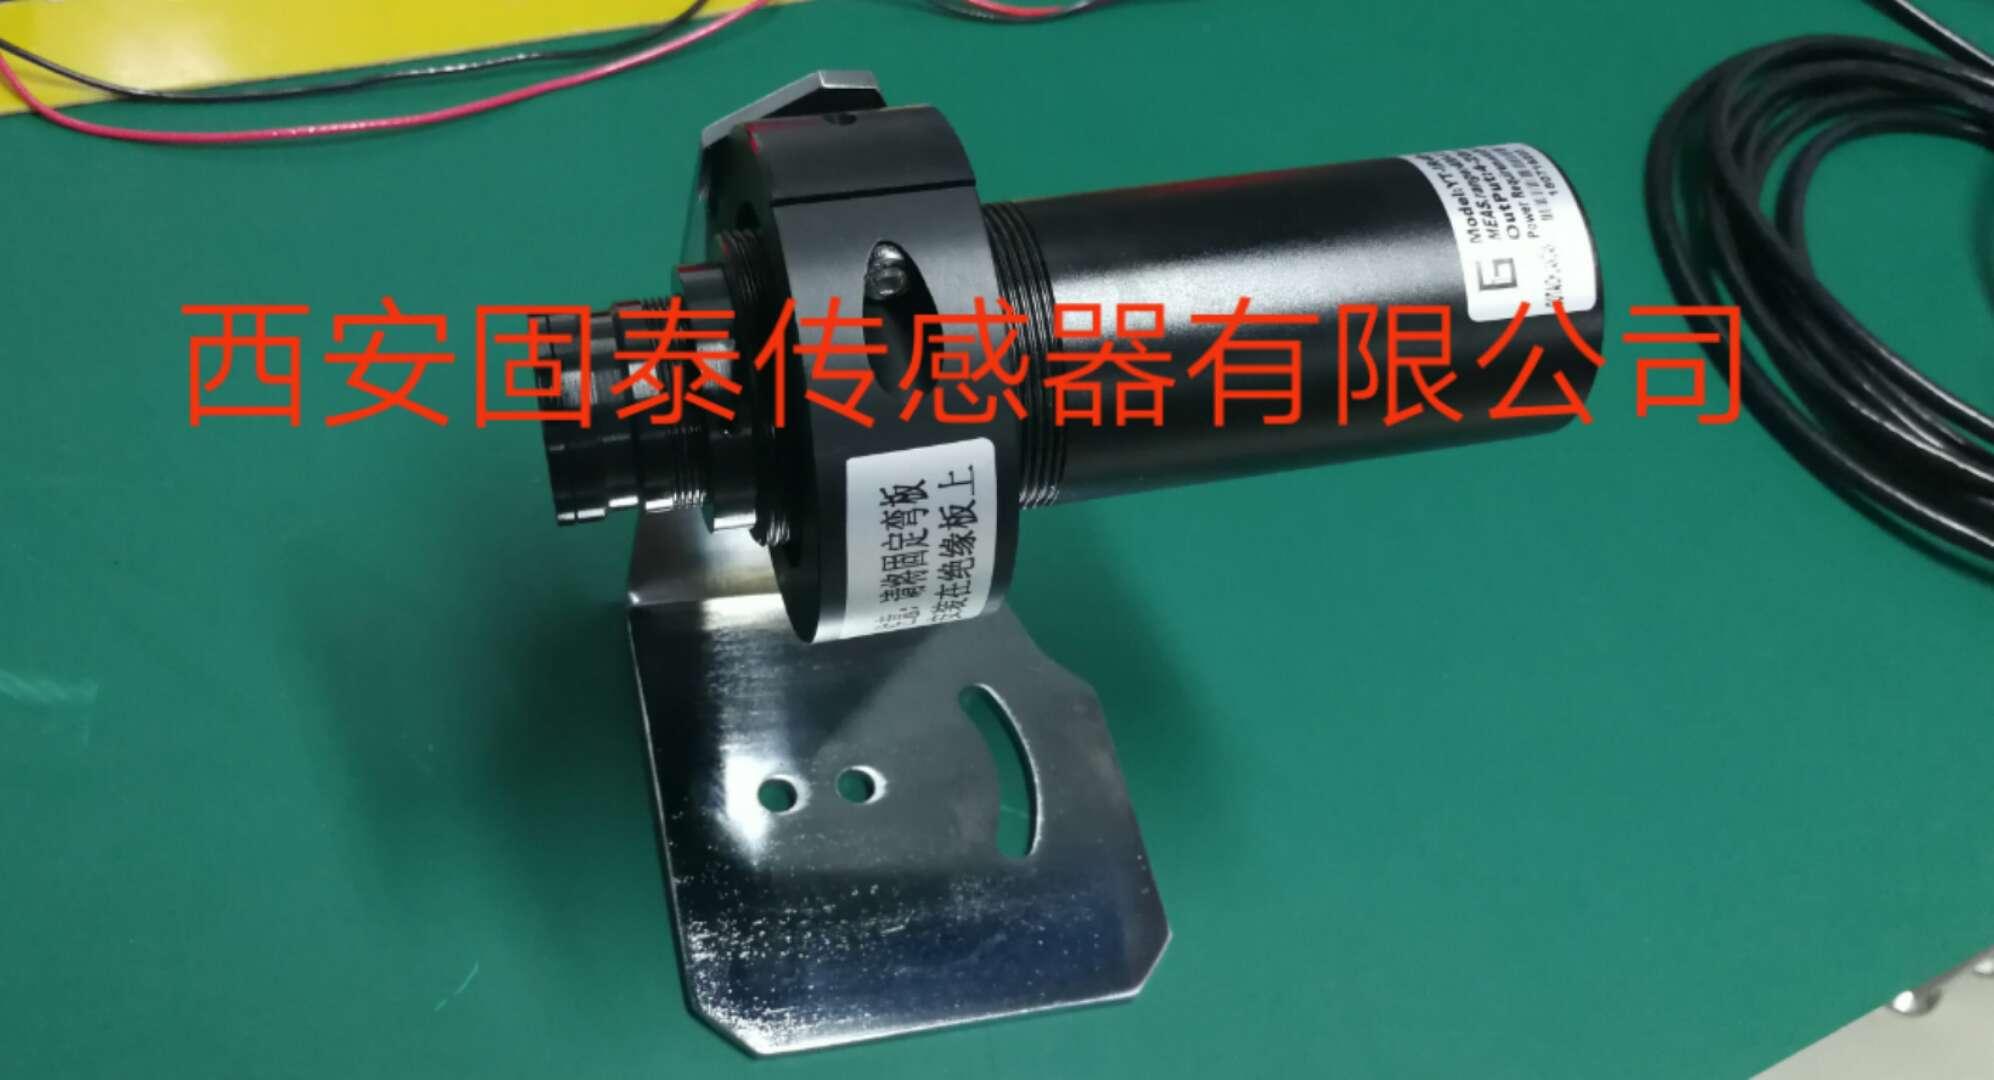 锻造测温仪经济型锻造测温仪厂家经济型锻造测温仪